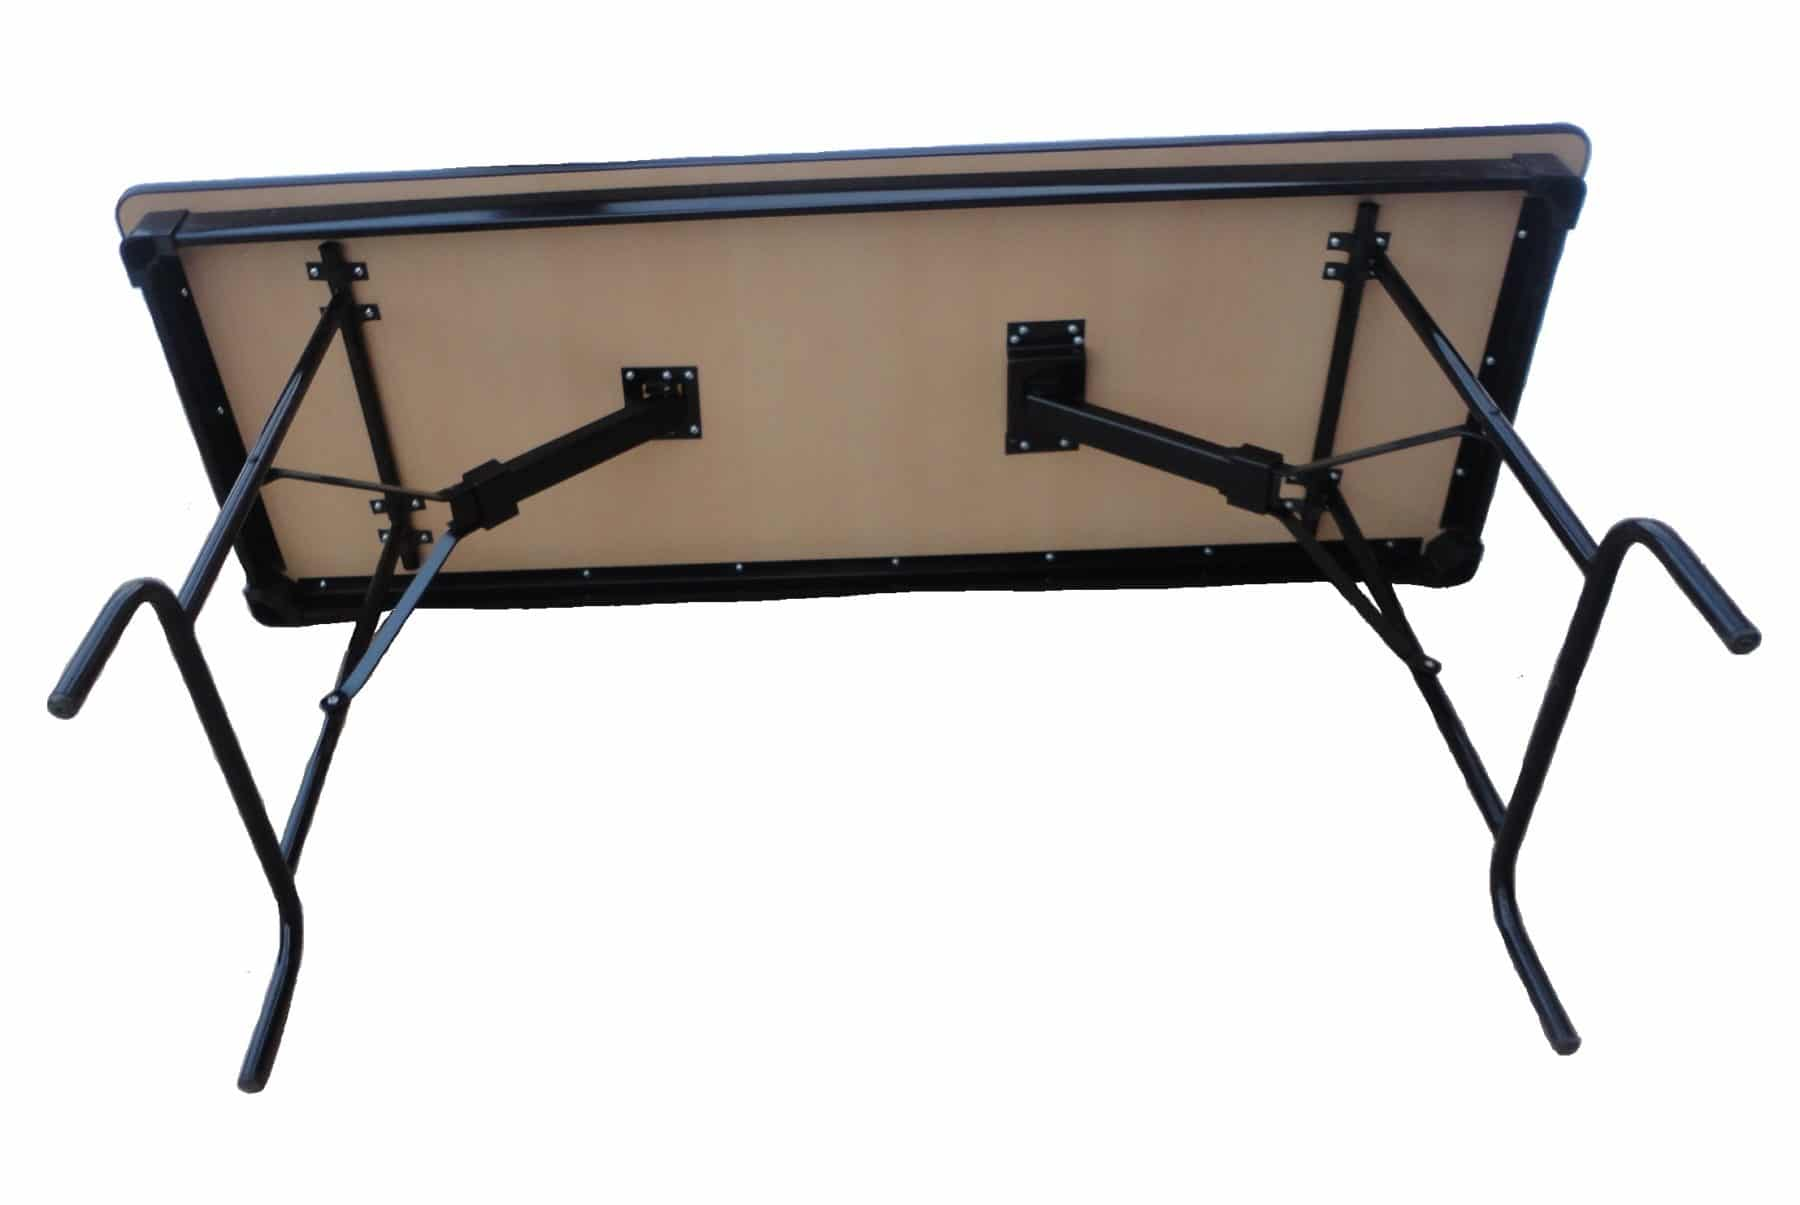 Складной стол Дельта прямоугольный 270 х 90 см. фото 3 | интернет-магазин Складно